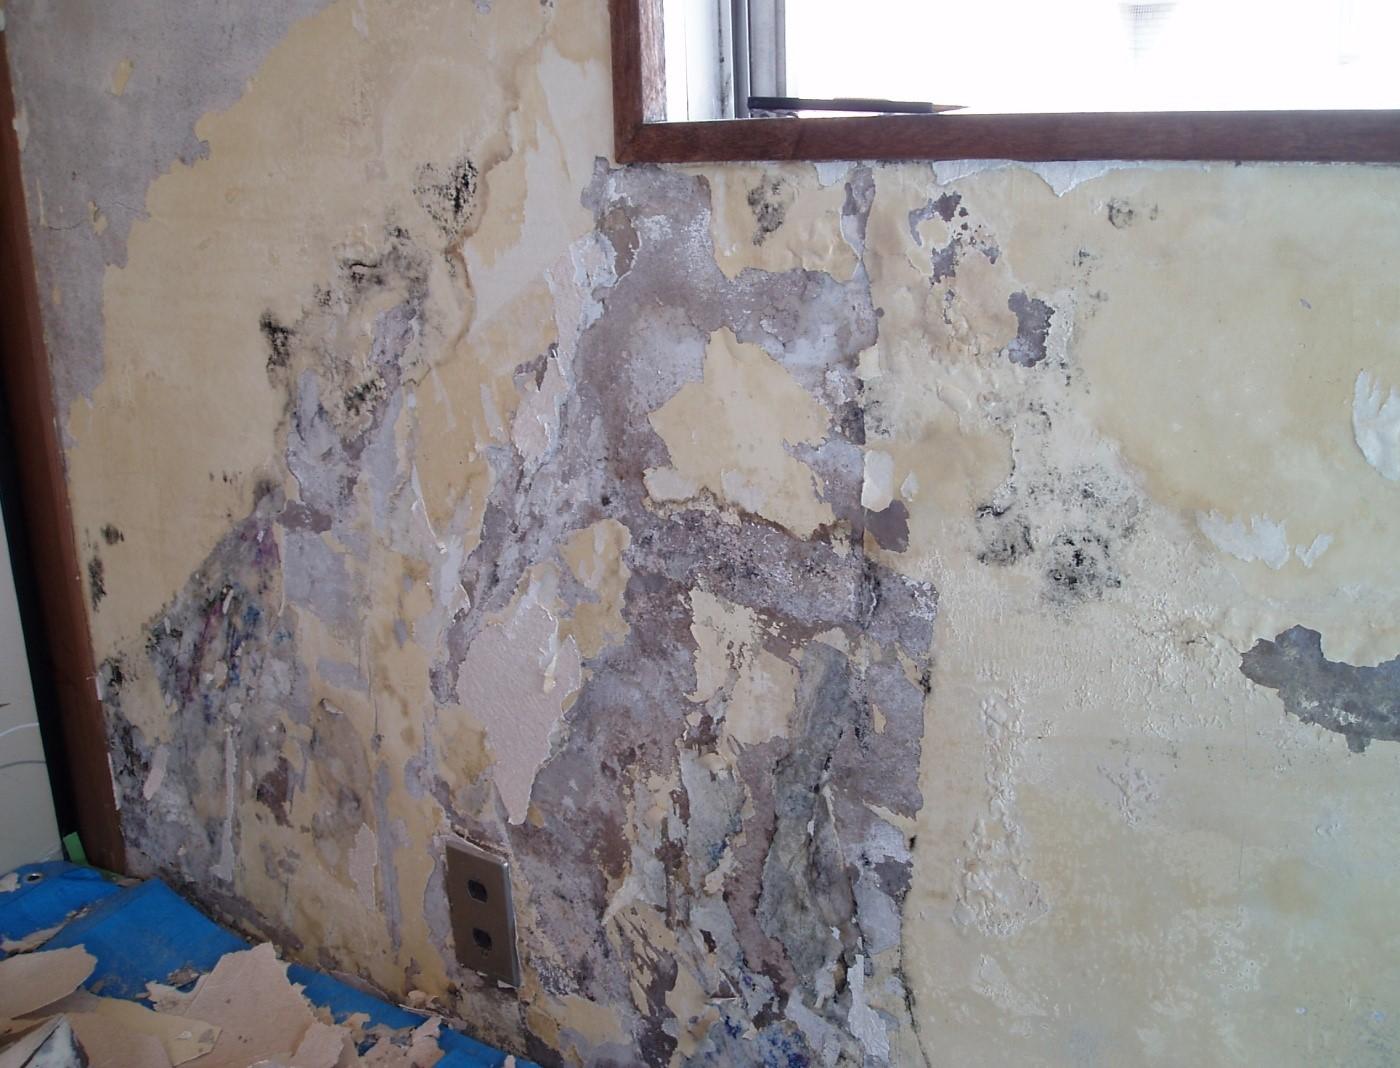 浮き上がった壁紙の裏側はカビや害虫の巣